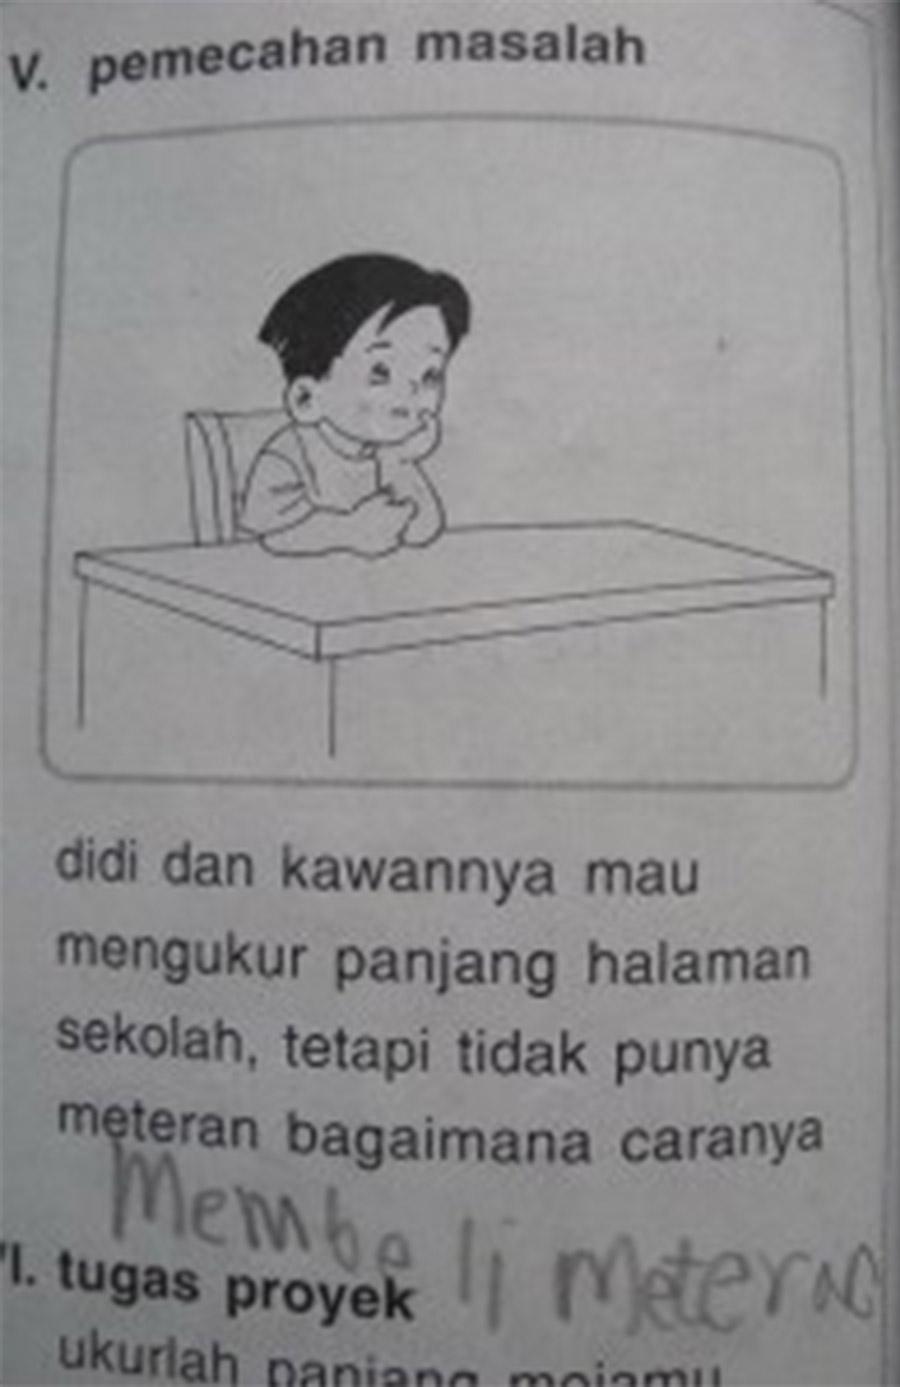 Gambar lucu di soal ujian © 1cak.com